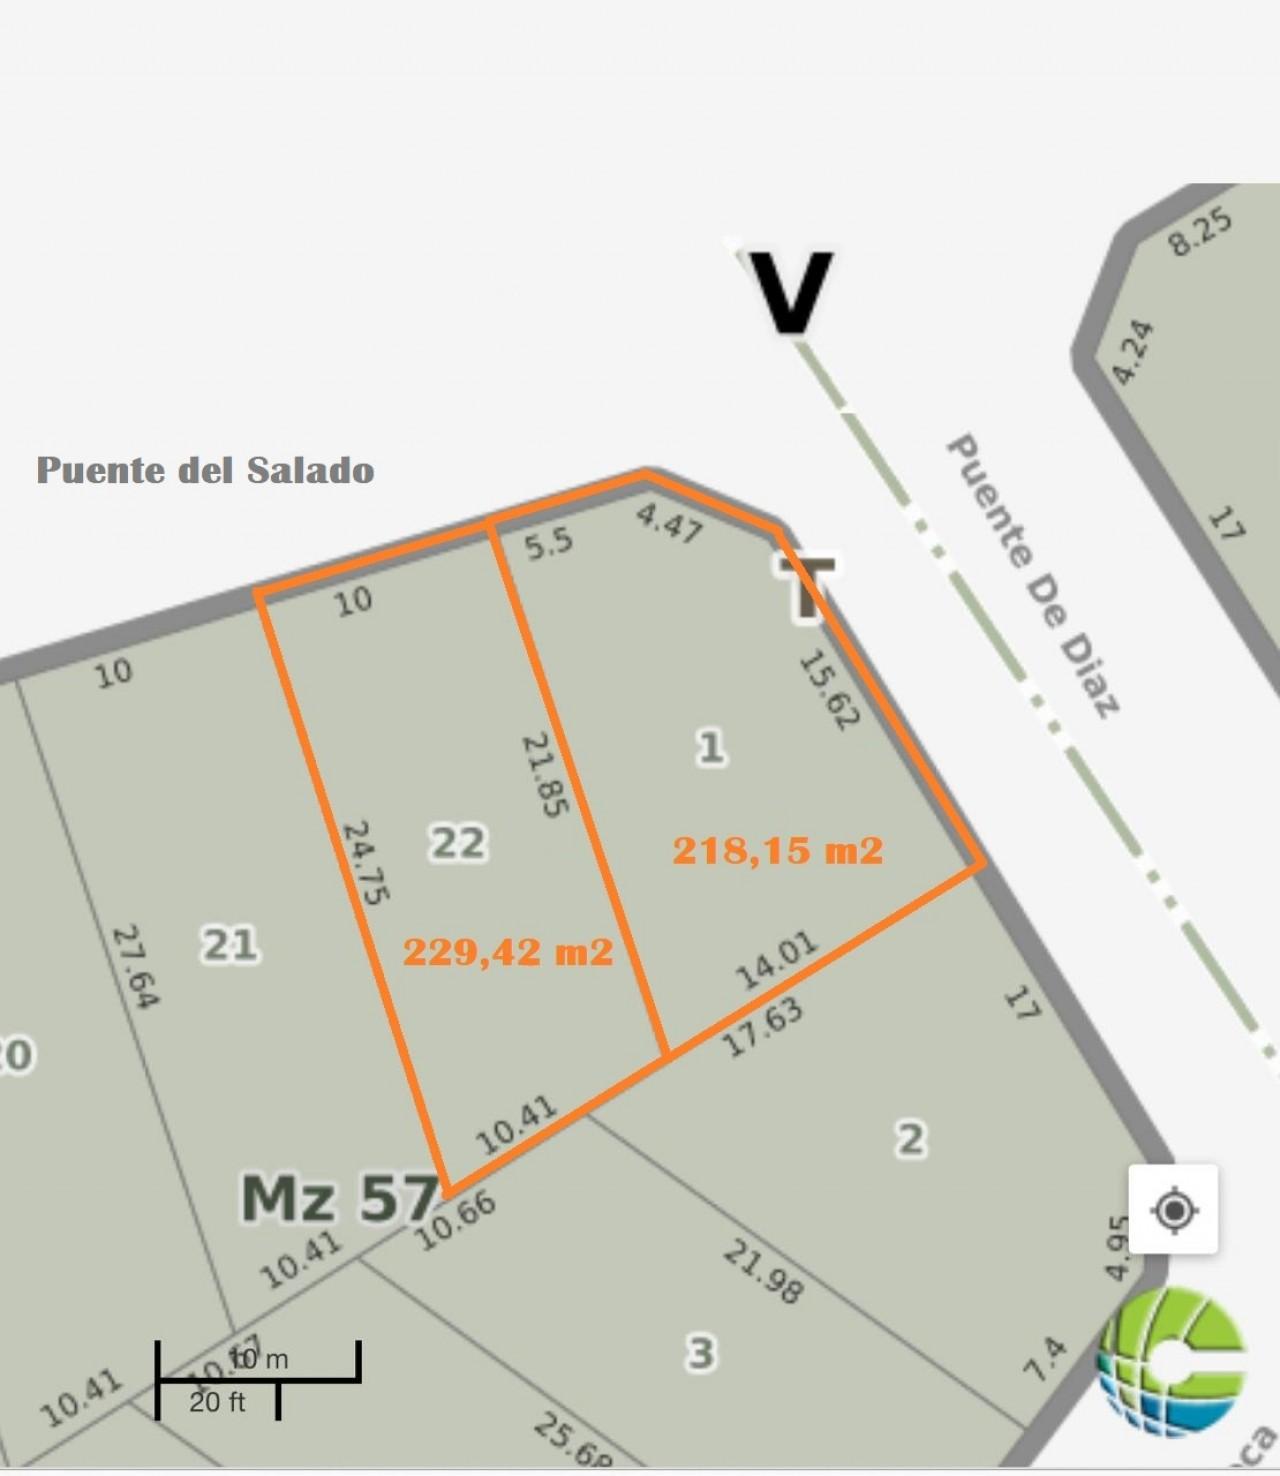 VENTA DE 2 LOTES JUNTOS O SEPARADOS EN GRAL. RODRIGUES LA ERMITA